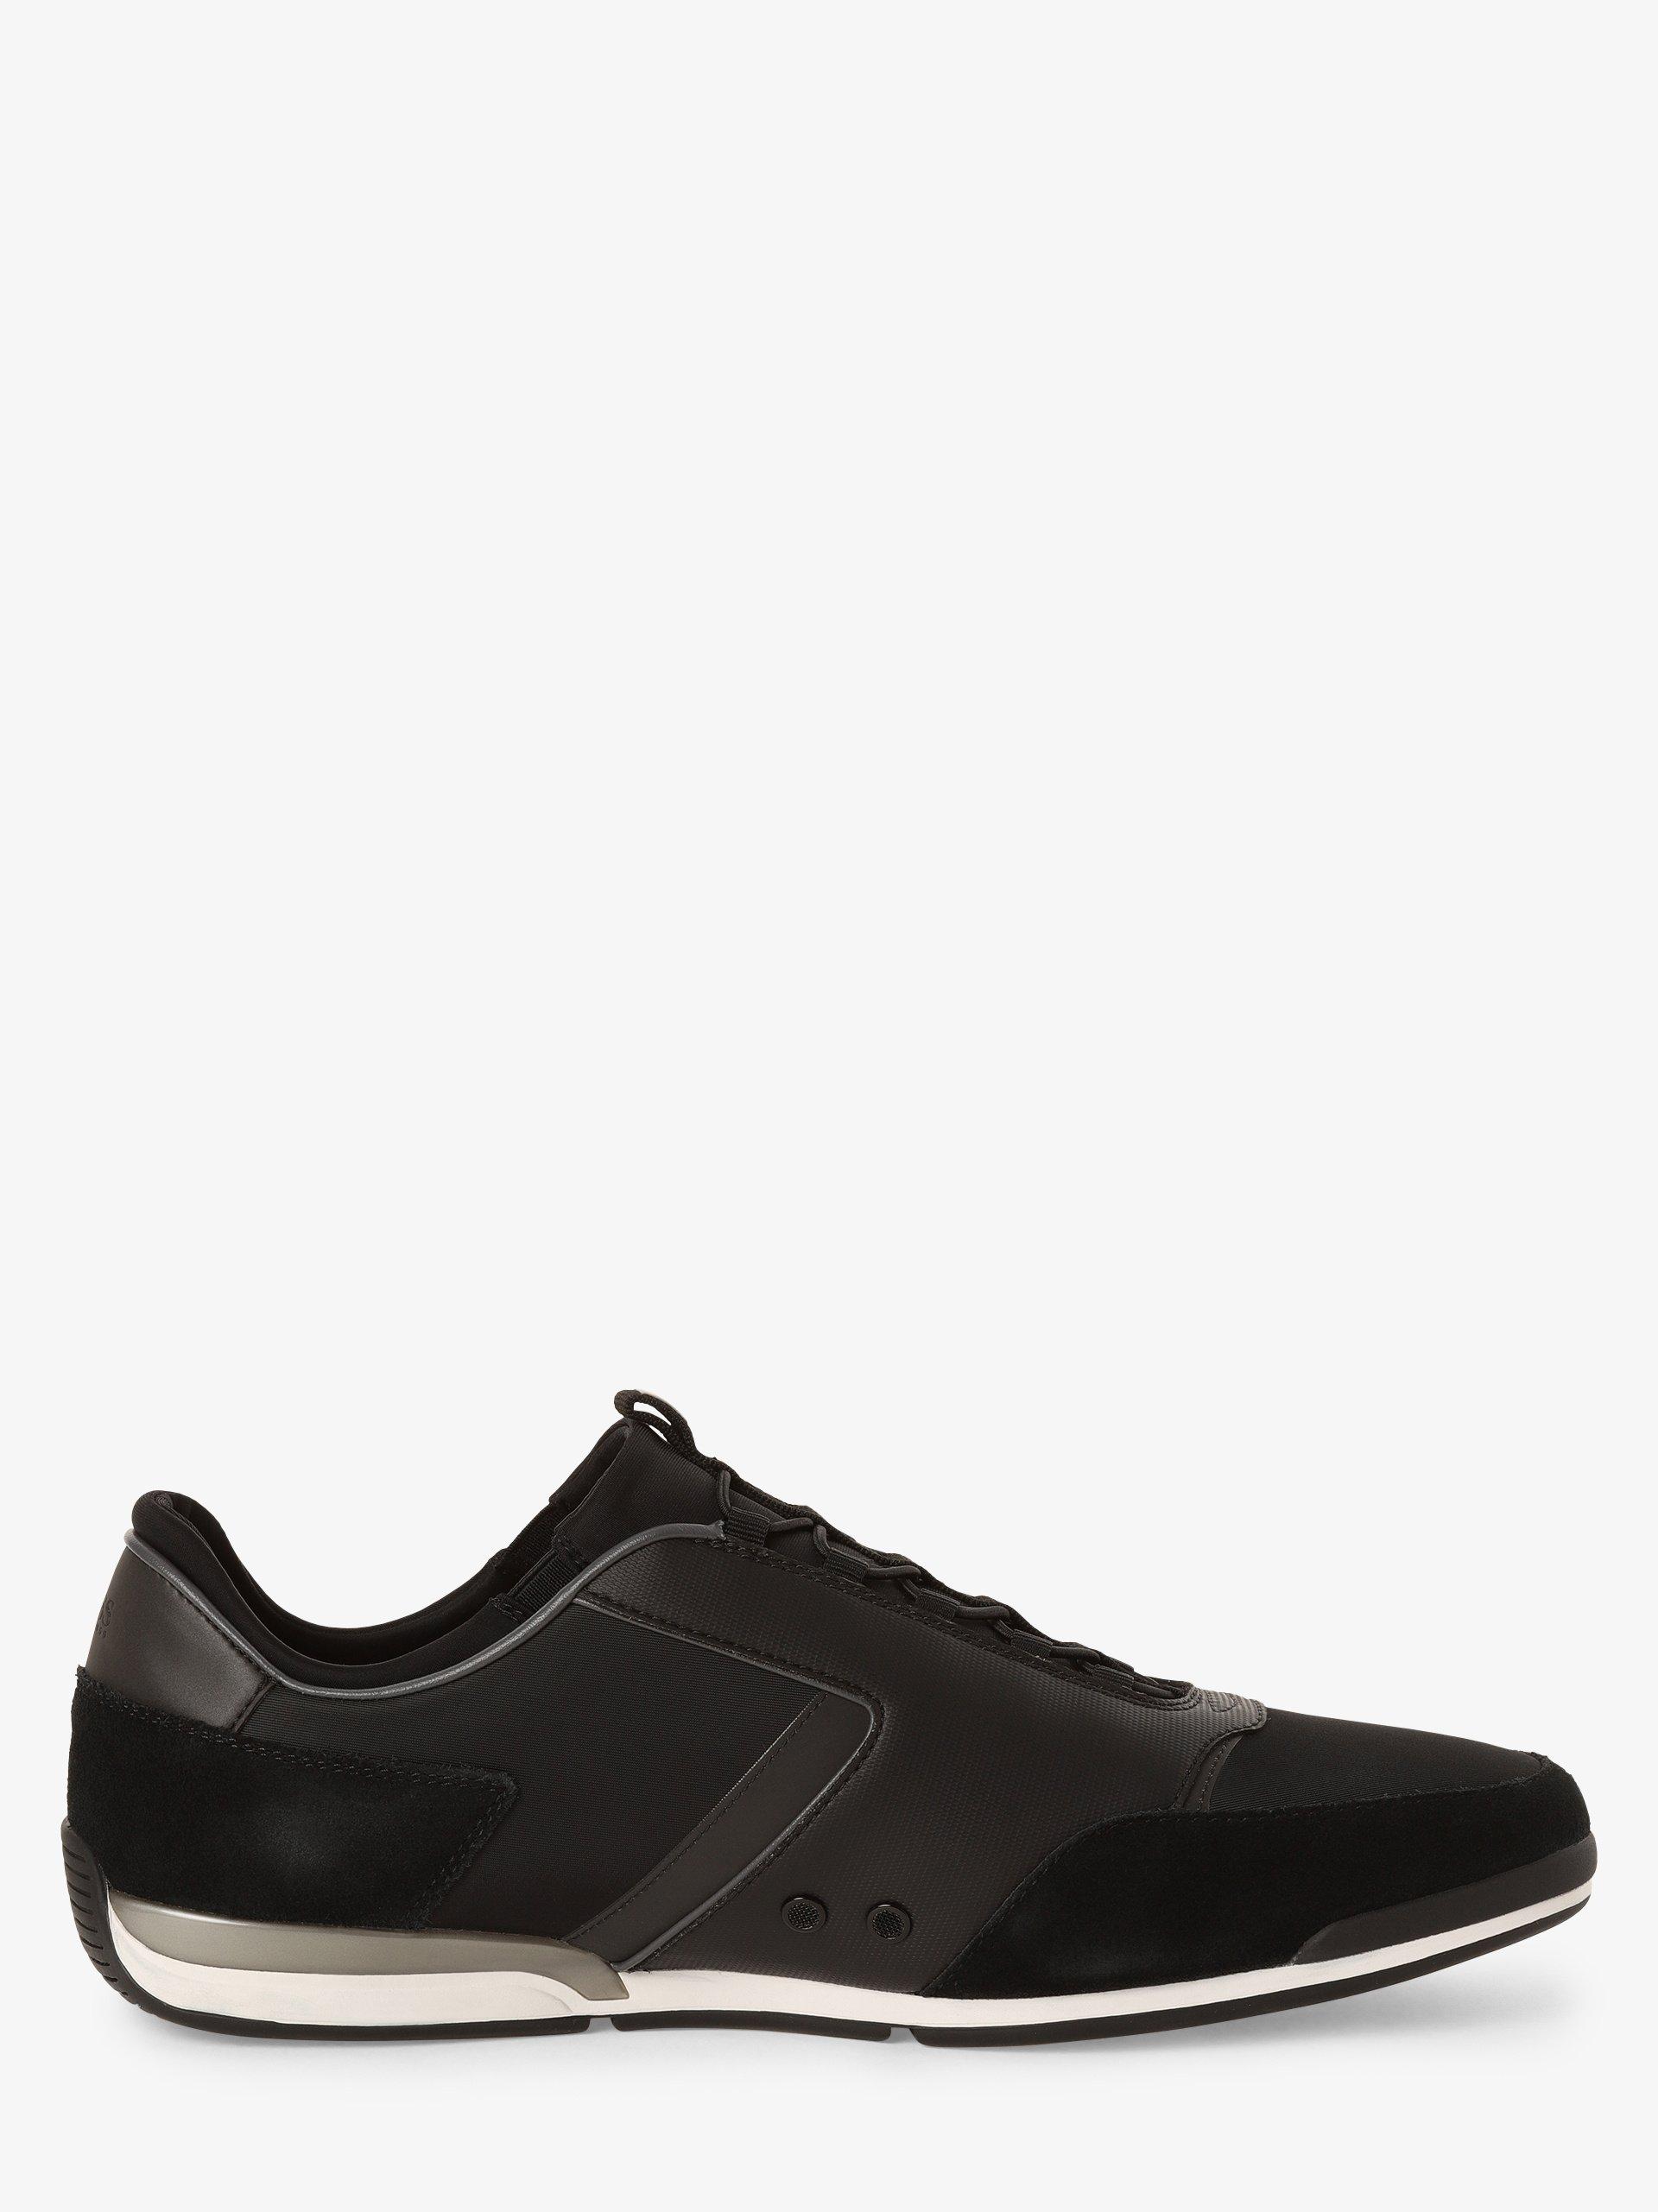 BOSS Athleisure Herren Sneaker mit Leder-Anteil - Saturn_Slon_nymx